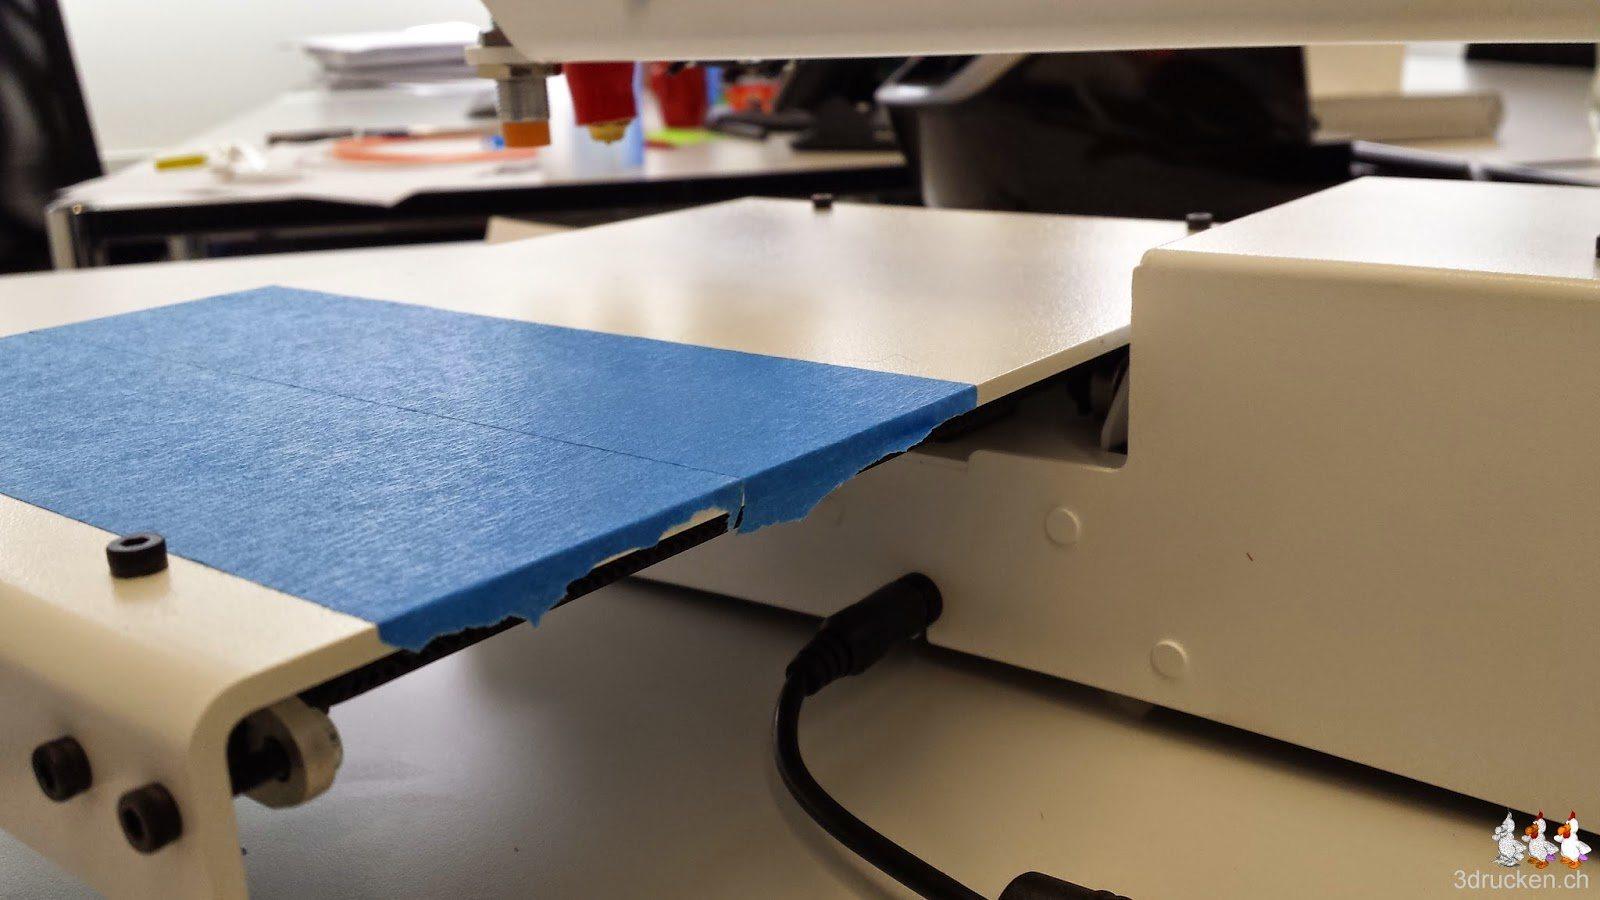 Foto vom Bekleben des Drucktischs des Printrbot Simple Metal mit blauem Klebeband